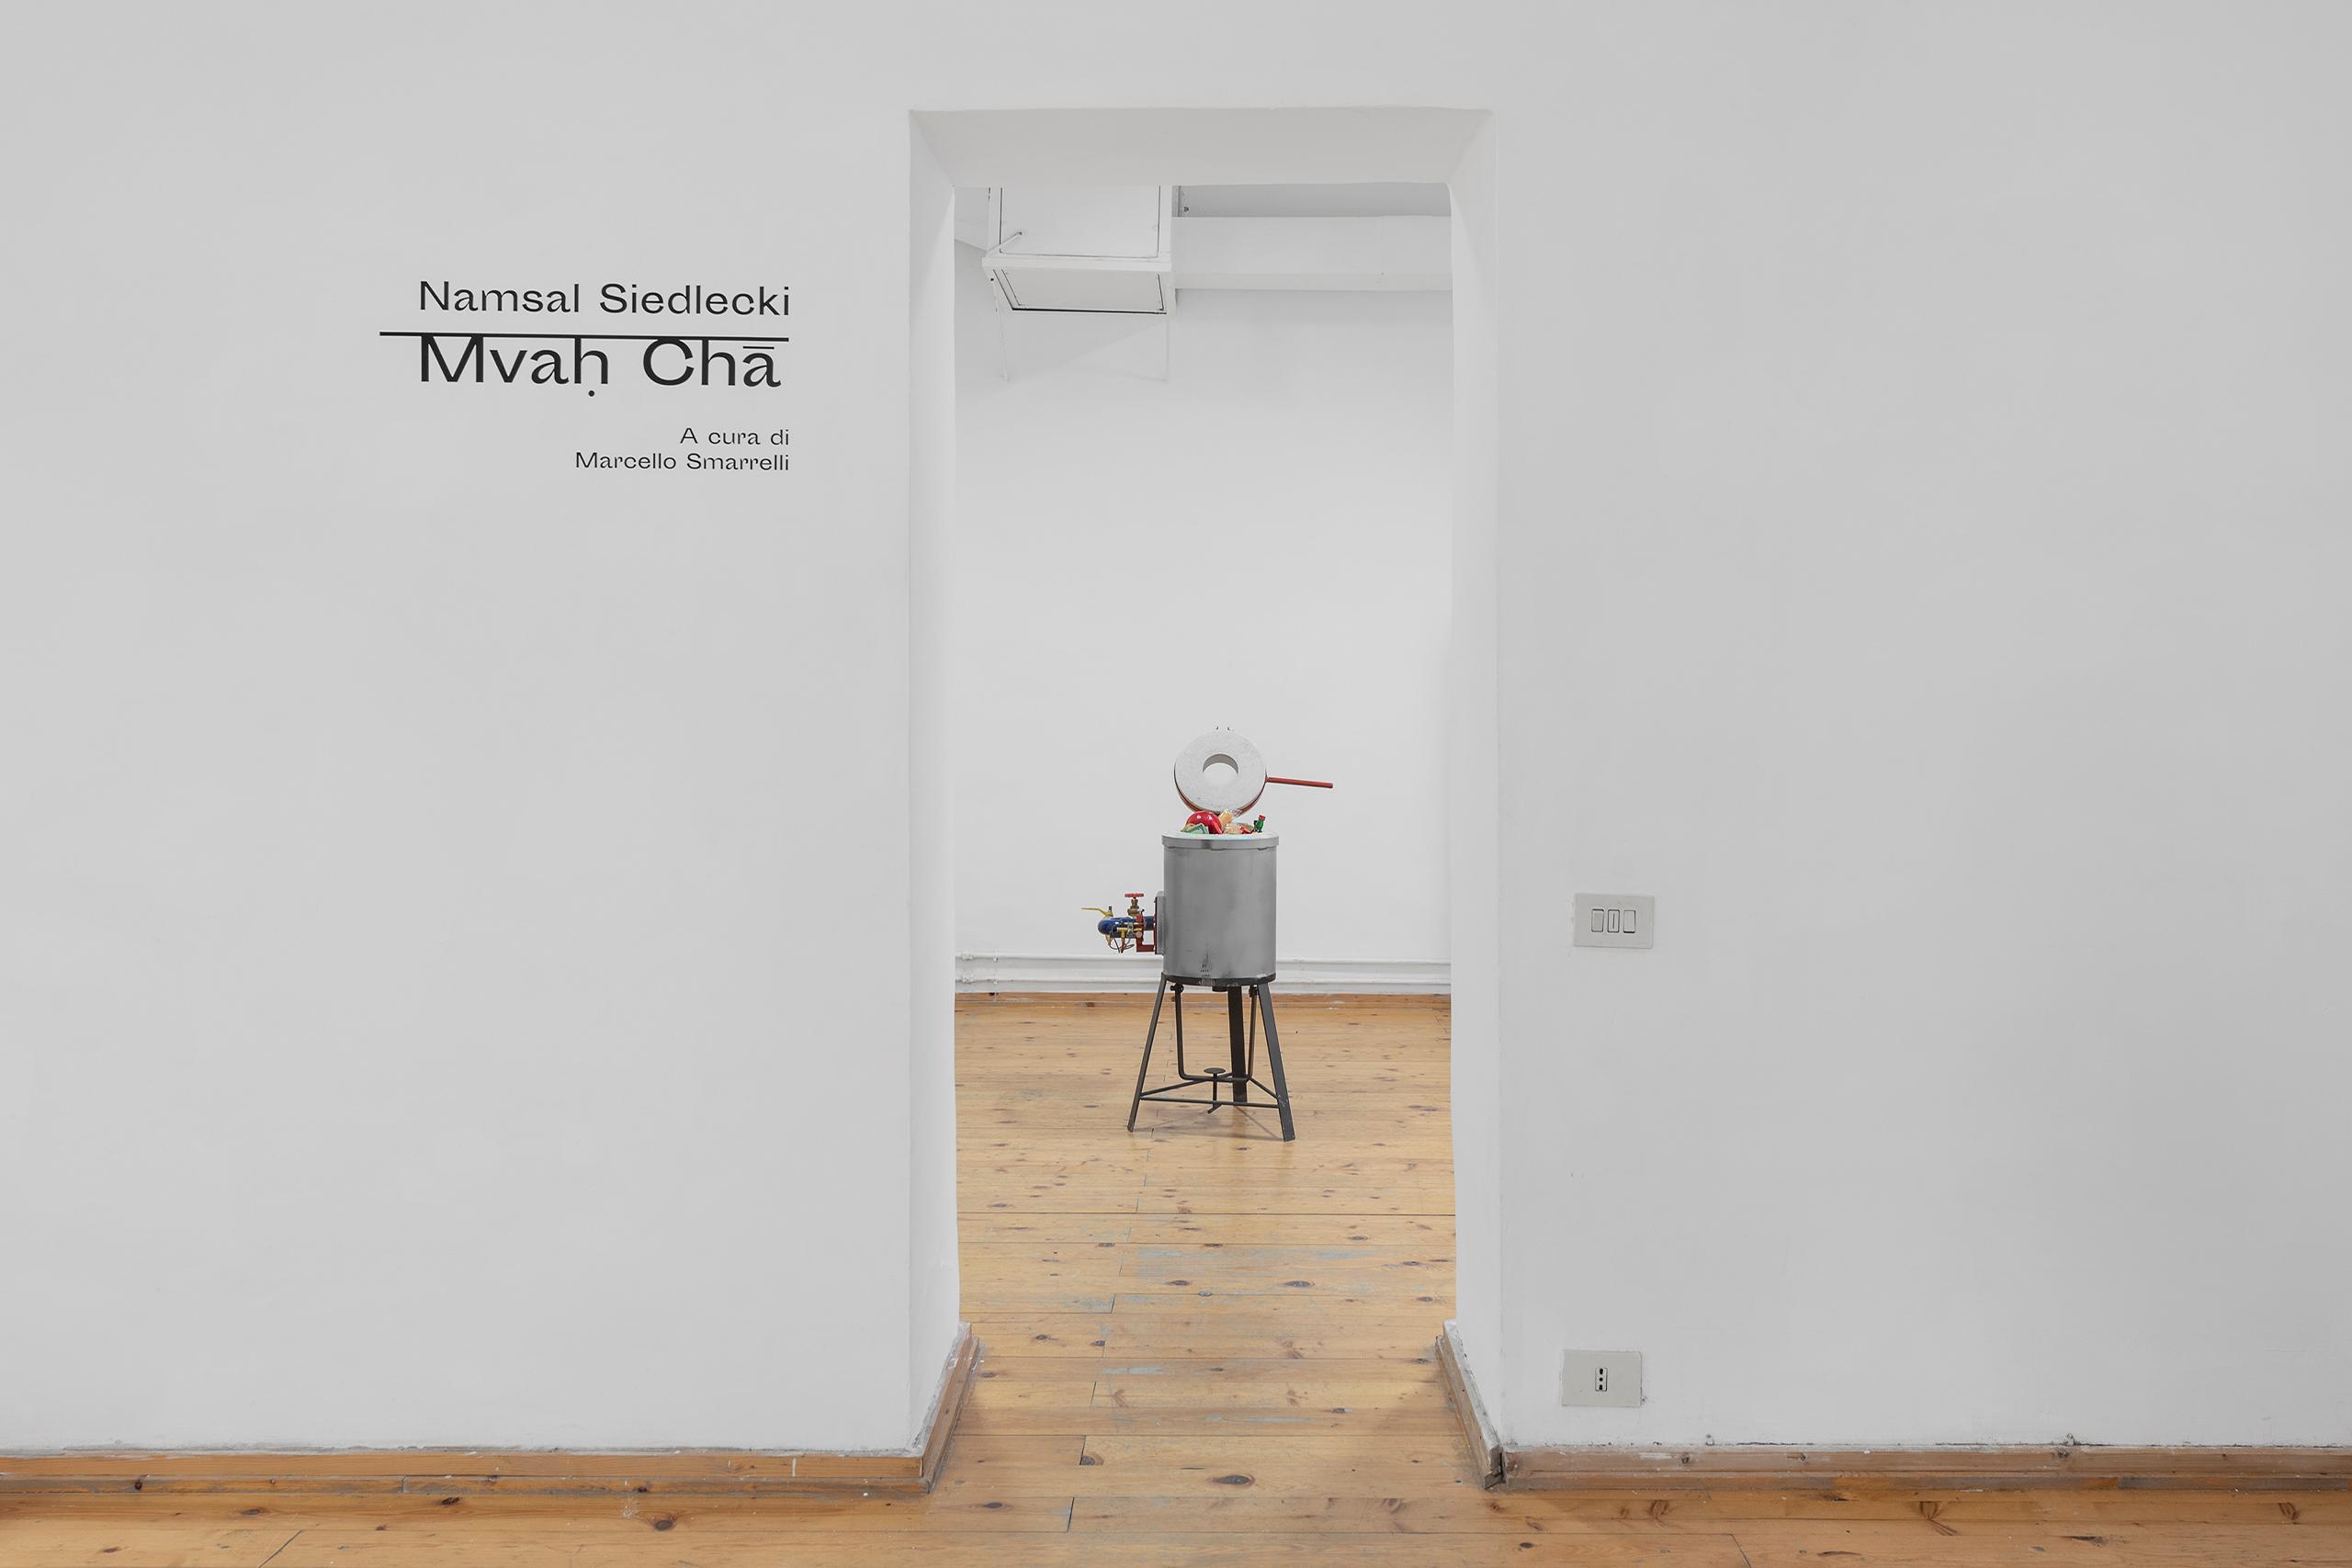 Namsal Siedlecki, Mvaḥ Chā, 2020. View of the exhibition curated by Marcello Smarrelli, Courtesy Fondazione Pastificio Cerere and the artist. Photo Andrea Veneri_5